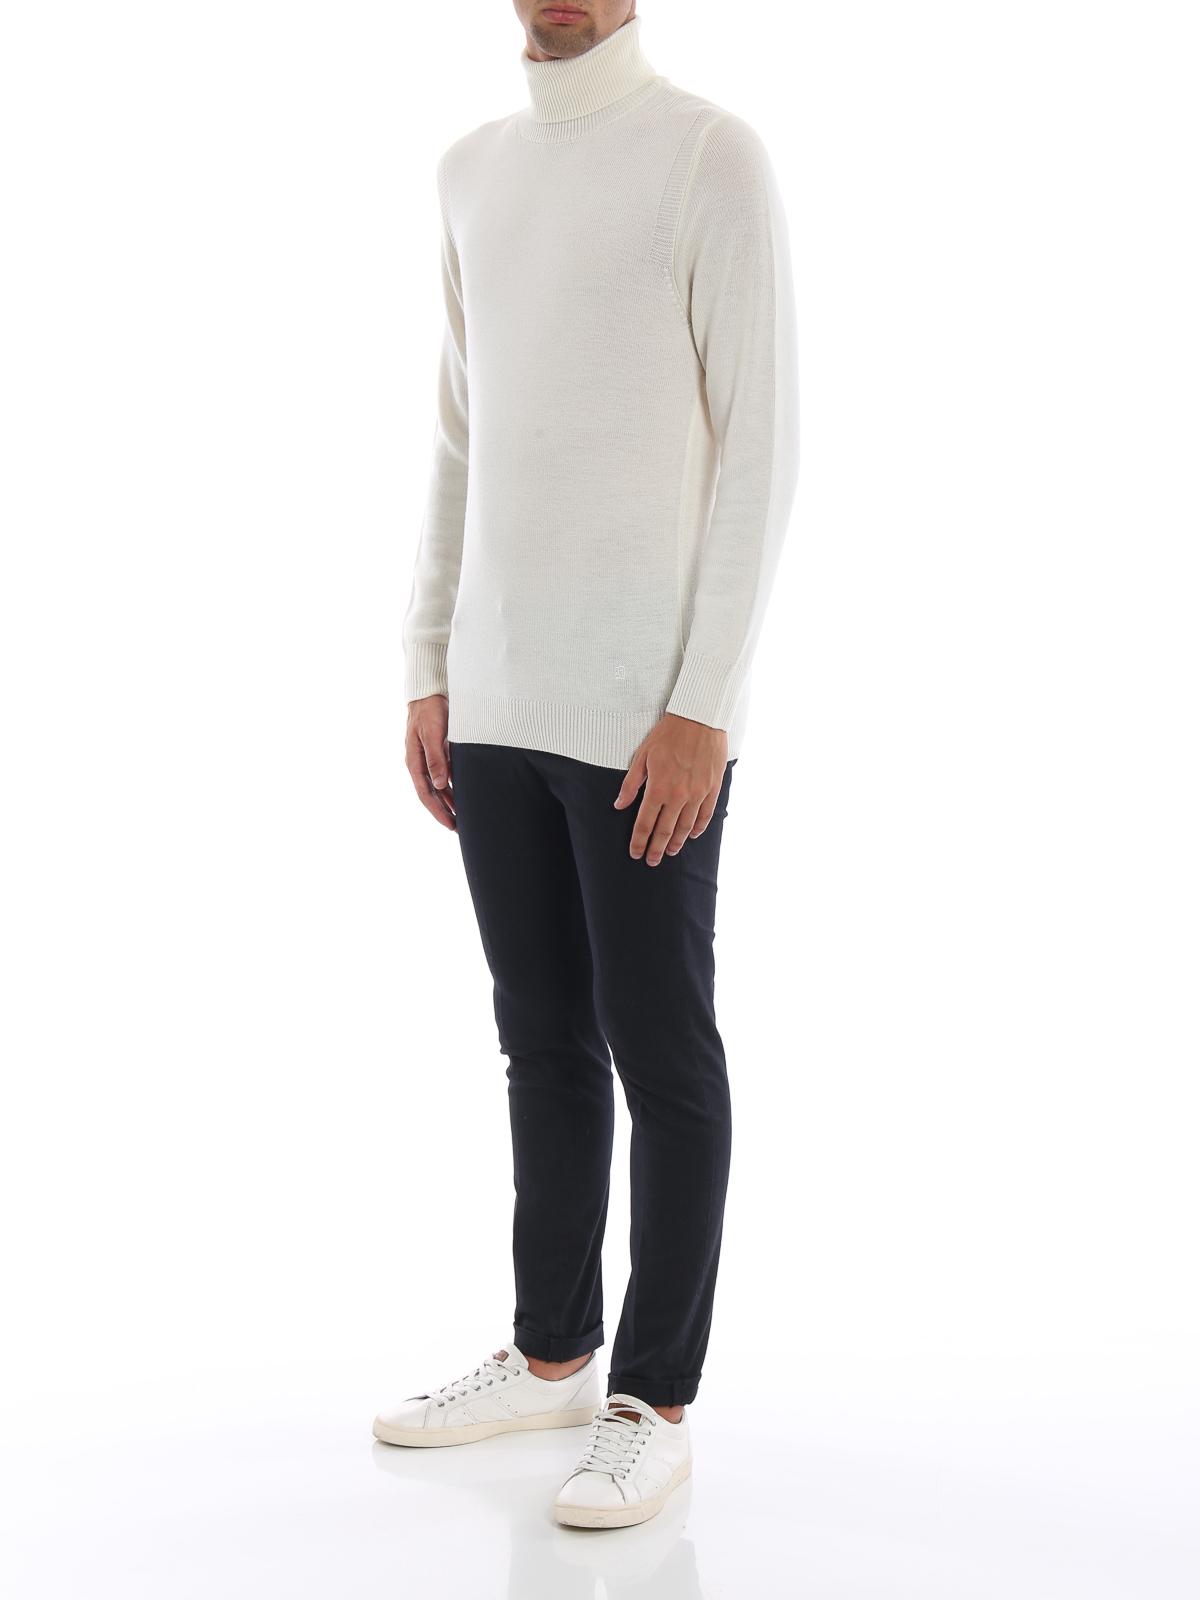 più amato 196e2 0890b Dondup - Dolcevita bianca in morbida lana merino - maglia a ...